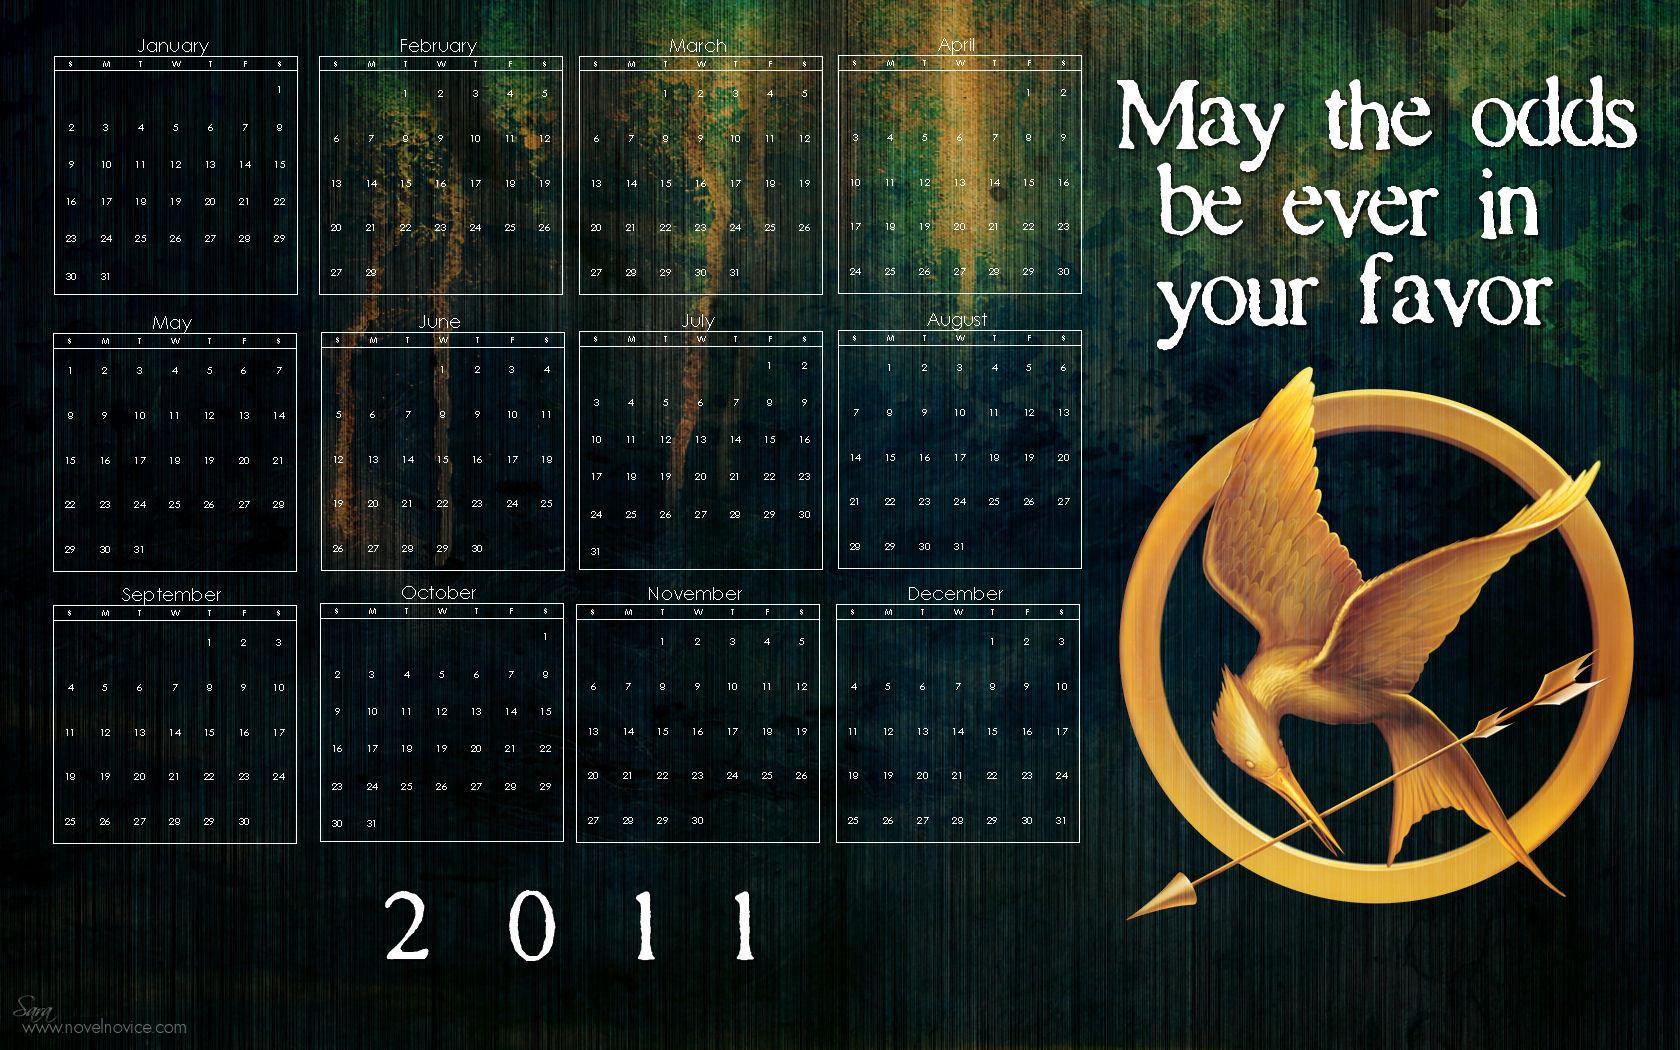 The Hunger Games 2011 Calendar Wallpaper   The Hunger Games Wallpaper 1680x1050